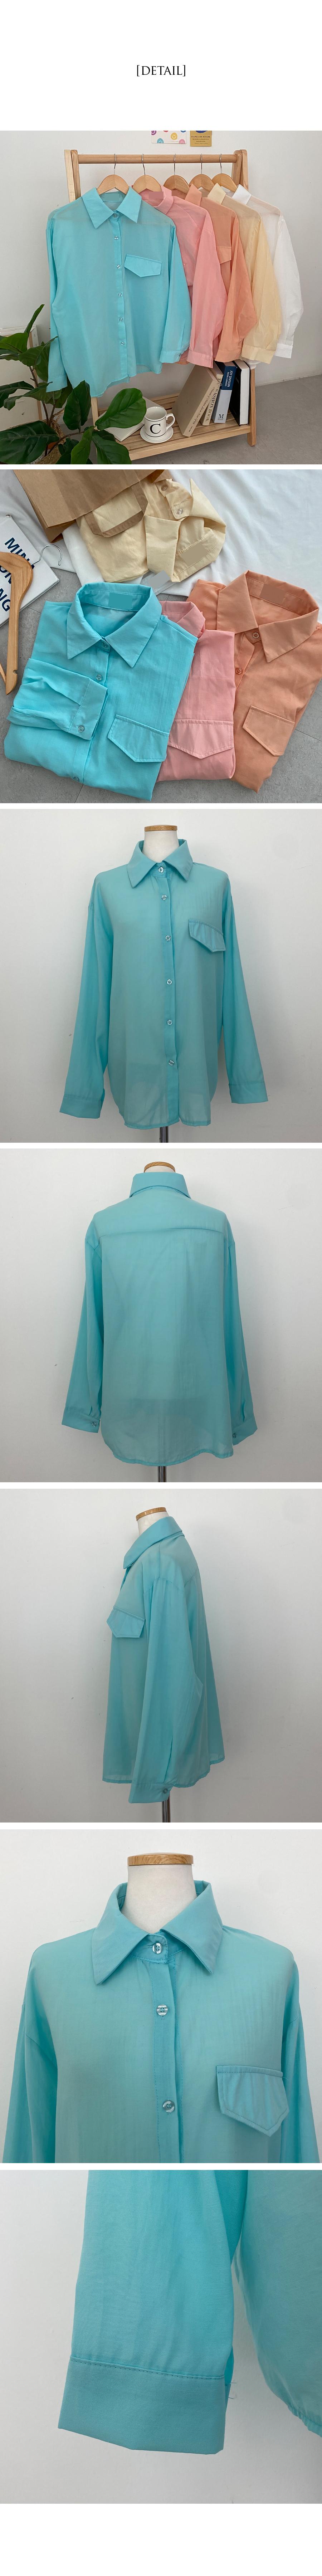 Oasis pocket shirt Shirt wear until summer